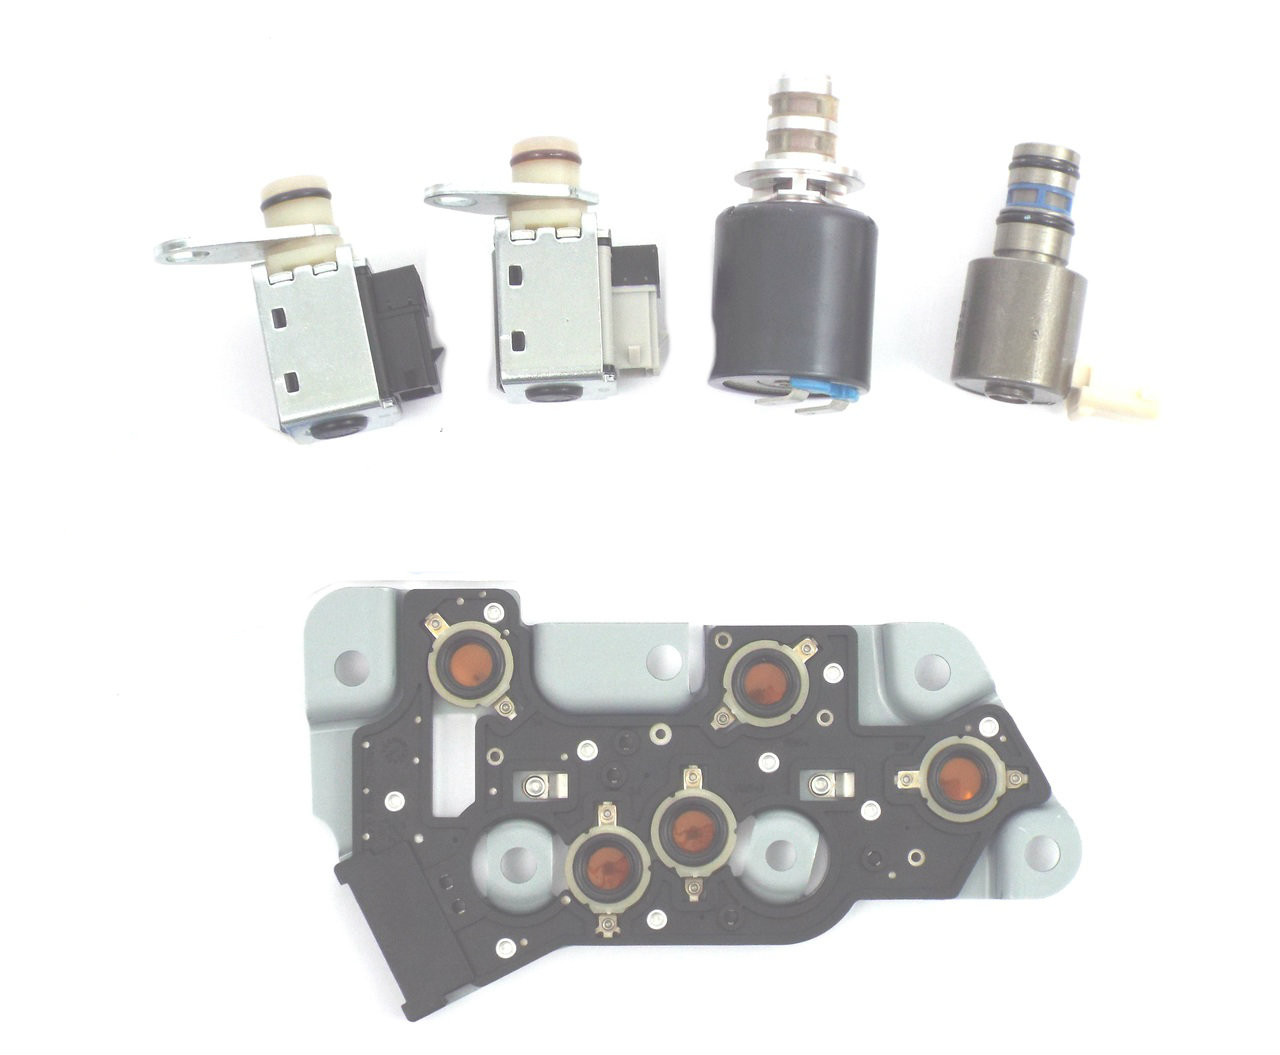 4L80E Solenoid Replacement Kit (1991-2003) 5-Piece Set